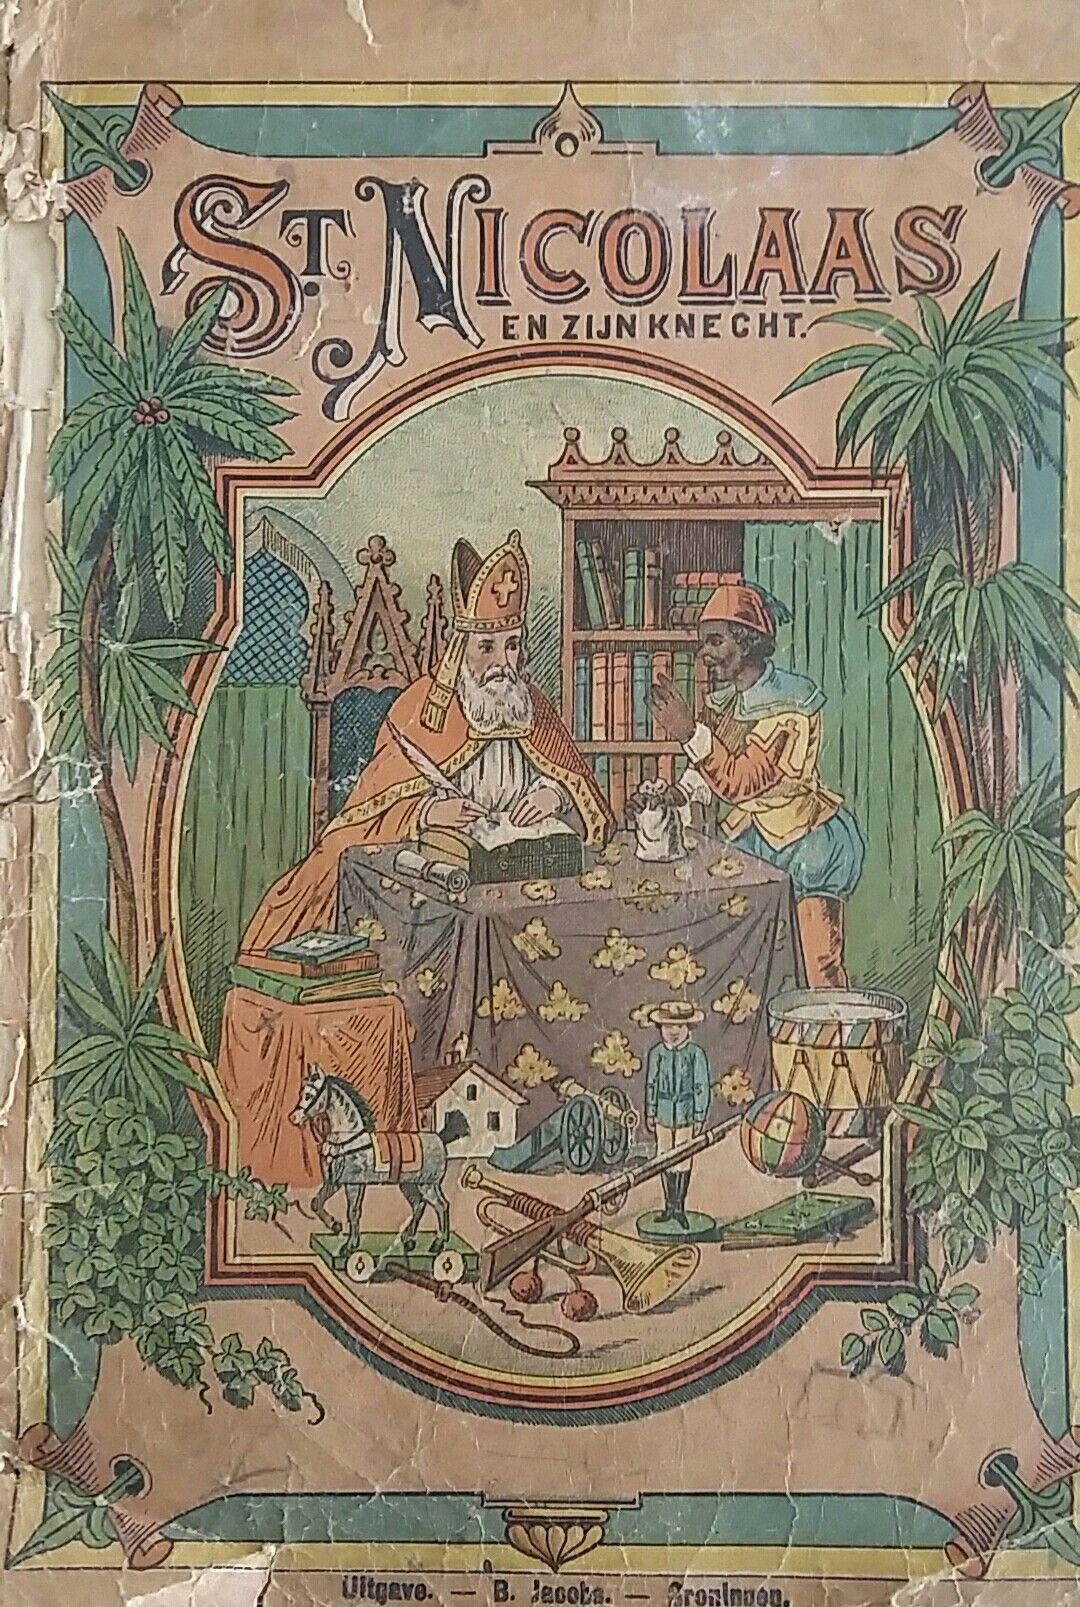 St. Nicolaas en zijn knecht ca. 1890. Ik het boekje zijn mooie illustraties, die je ook tegenkomt van Jan Schenkman. Alleen de inhoud met teksten is totaal anders.